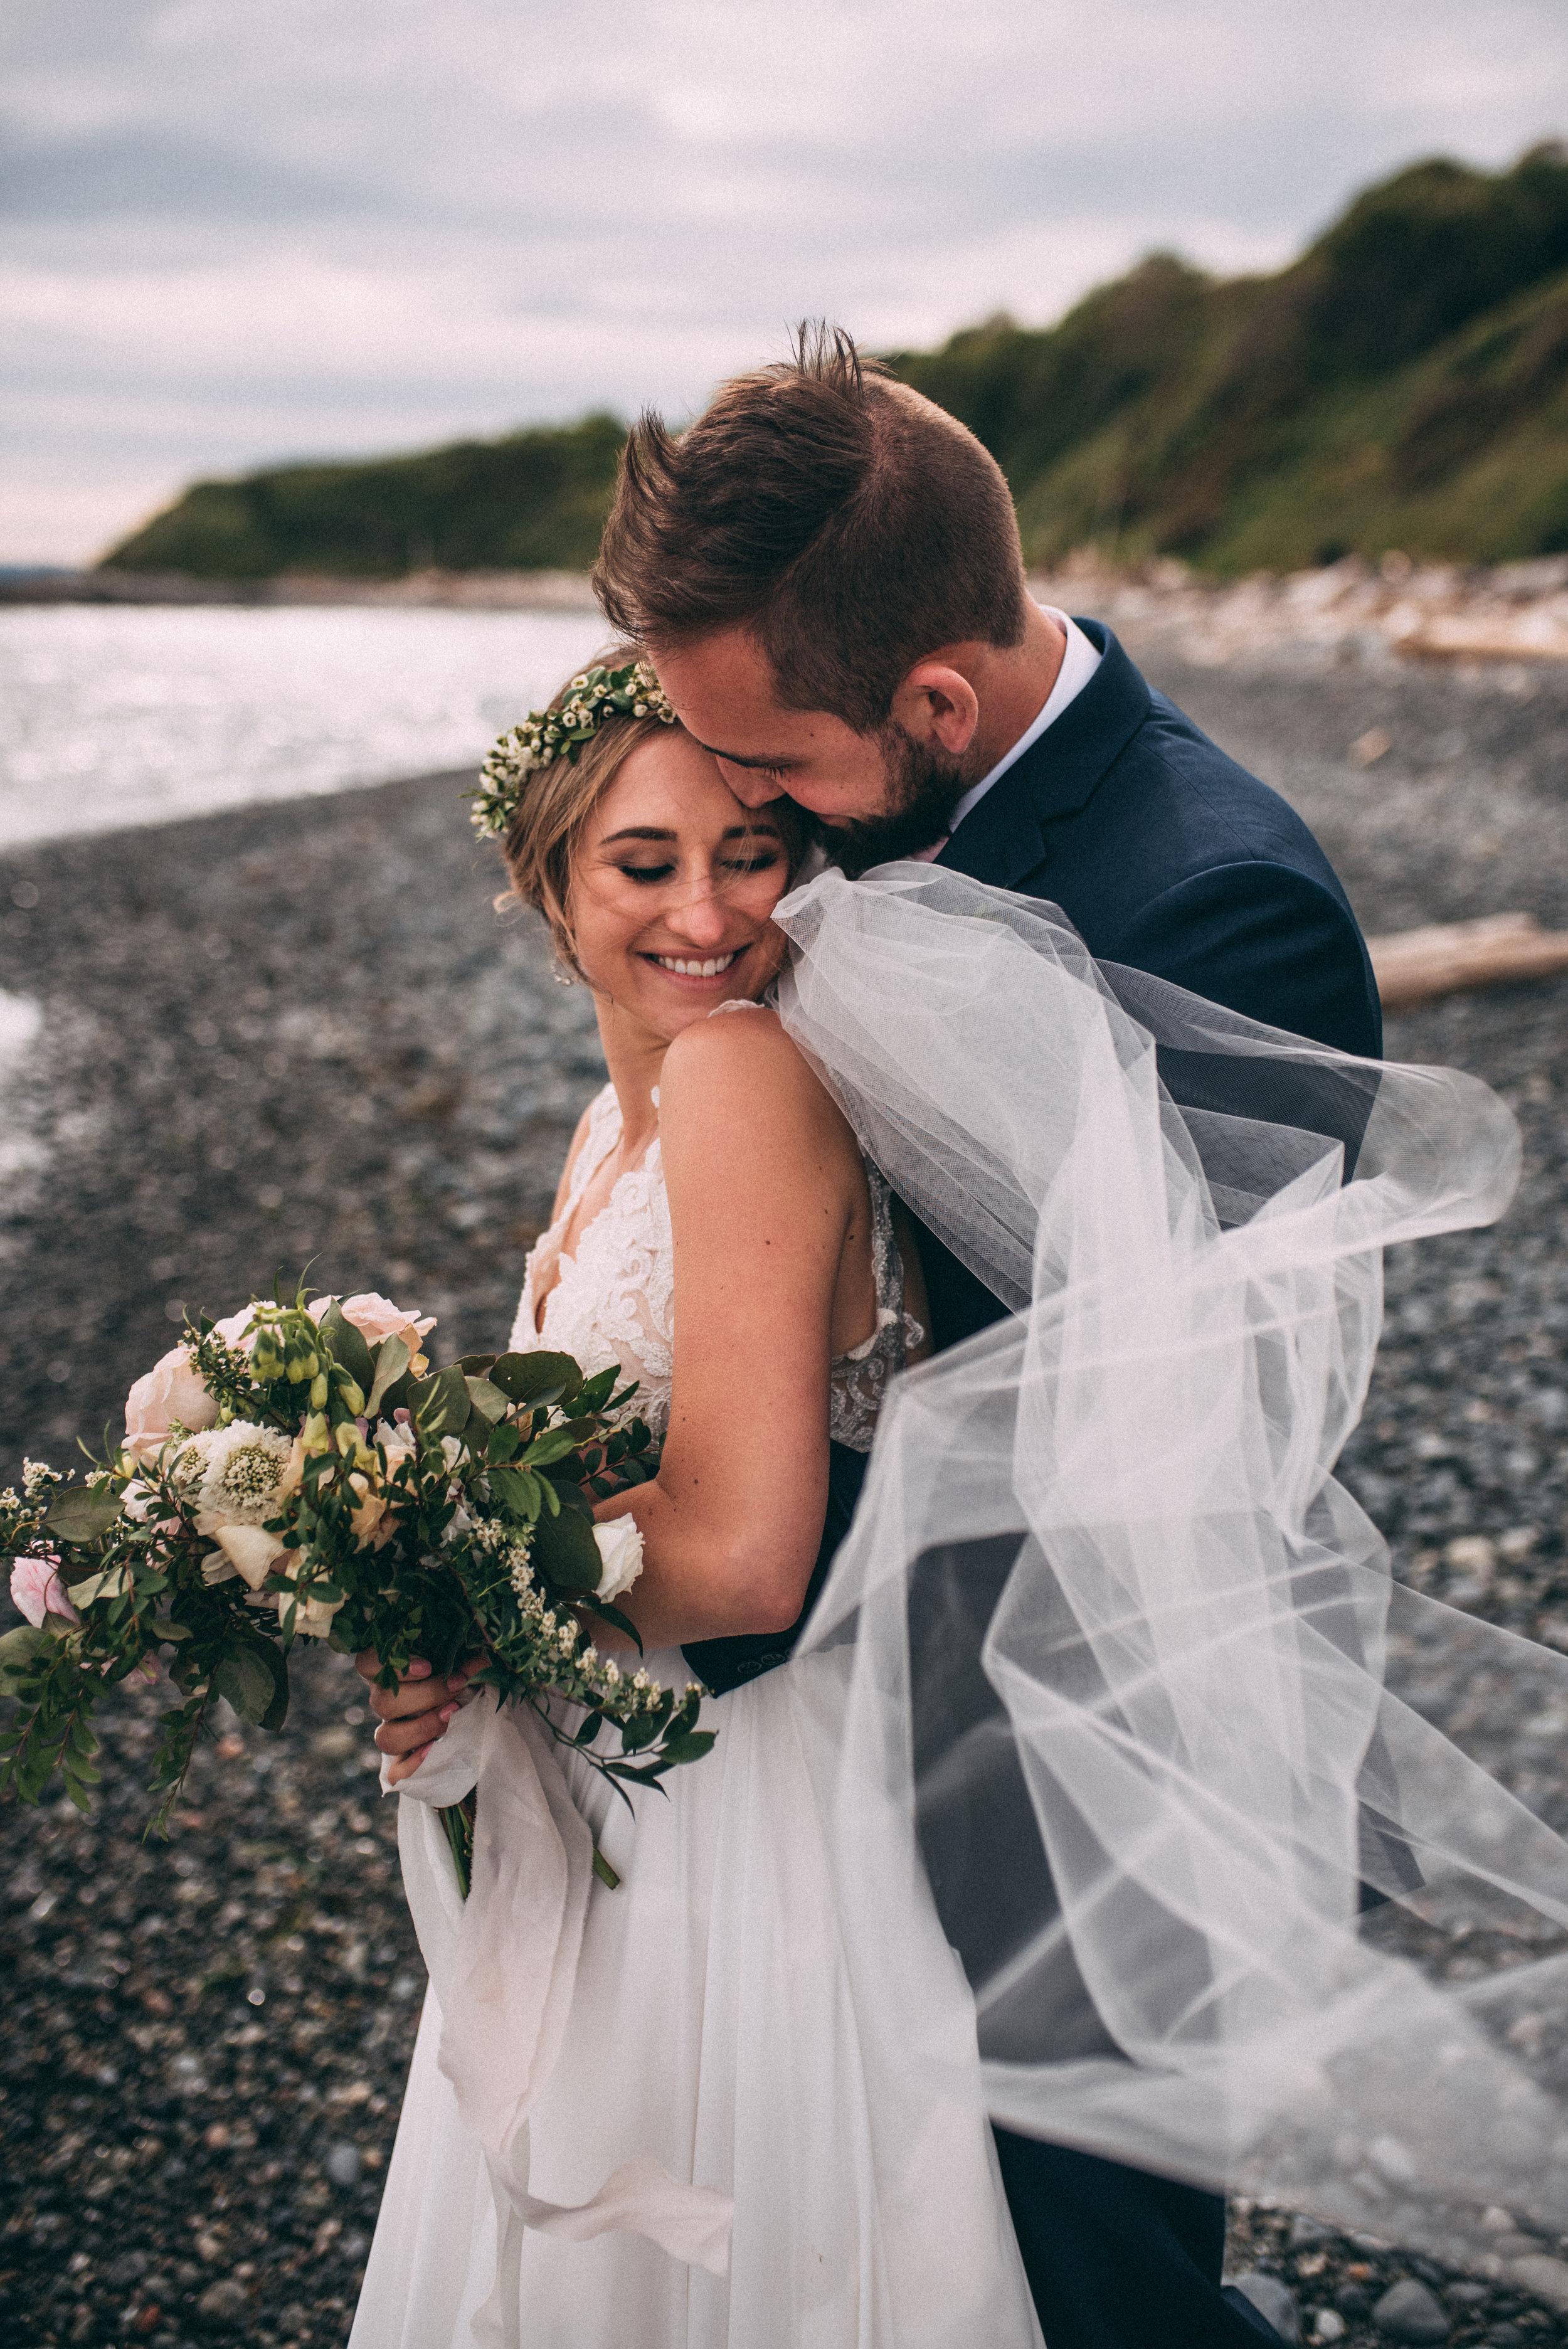 Amanda&EricMoisanVictoriaWedding-May26,2018-LauraOlsonPhotography-7649.jpg